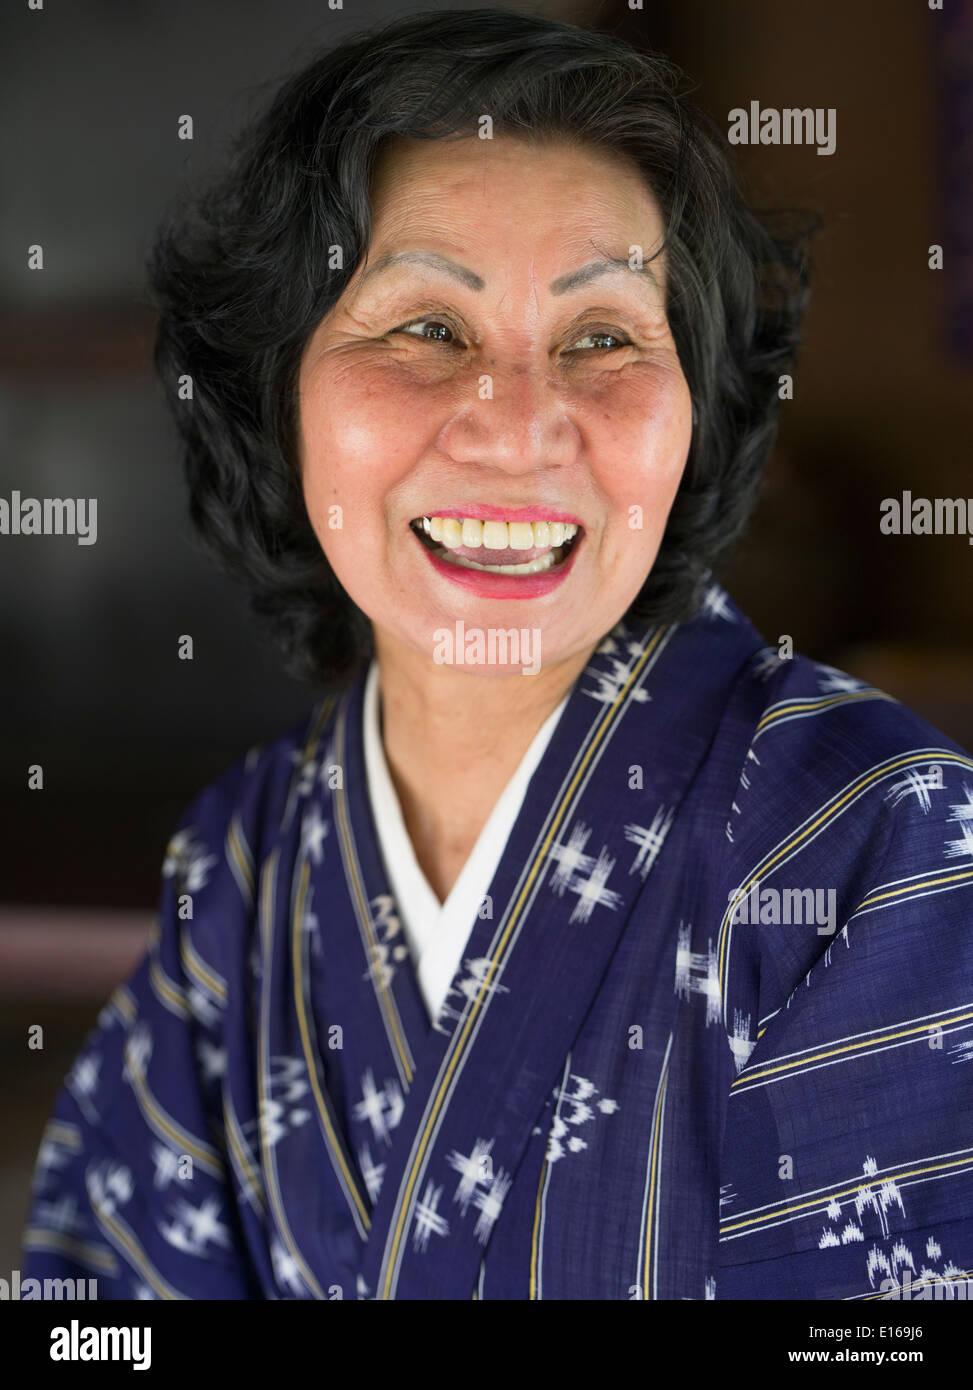 Hermosa mujer vistiendo yukuata ancianos de Okinawa y sonriente. Mura Ryukyu, Okinawa, Japón Imagen De Stock